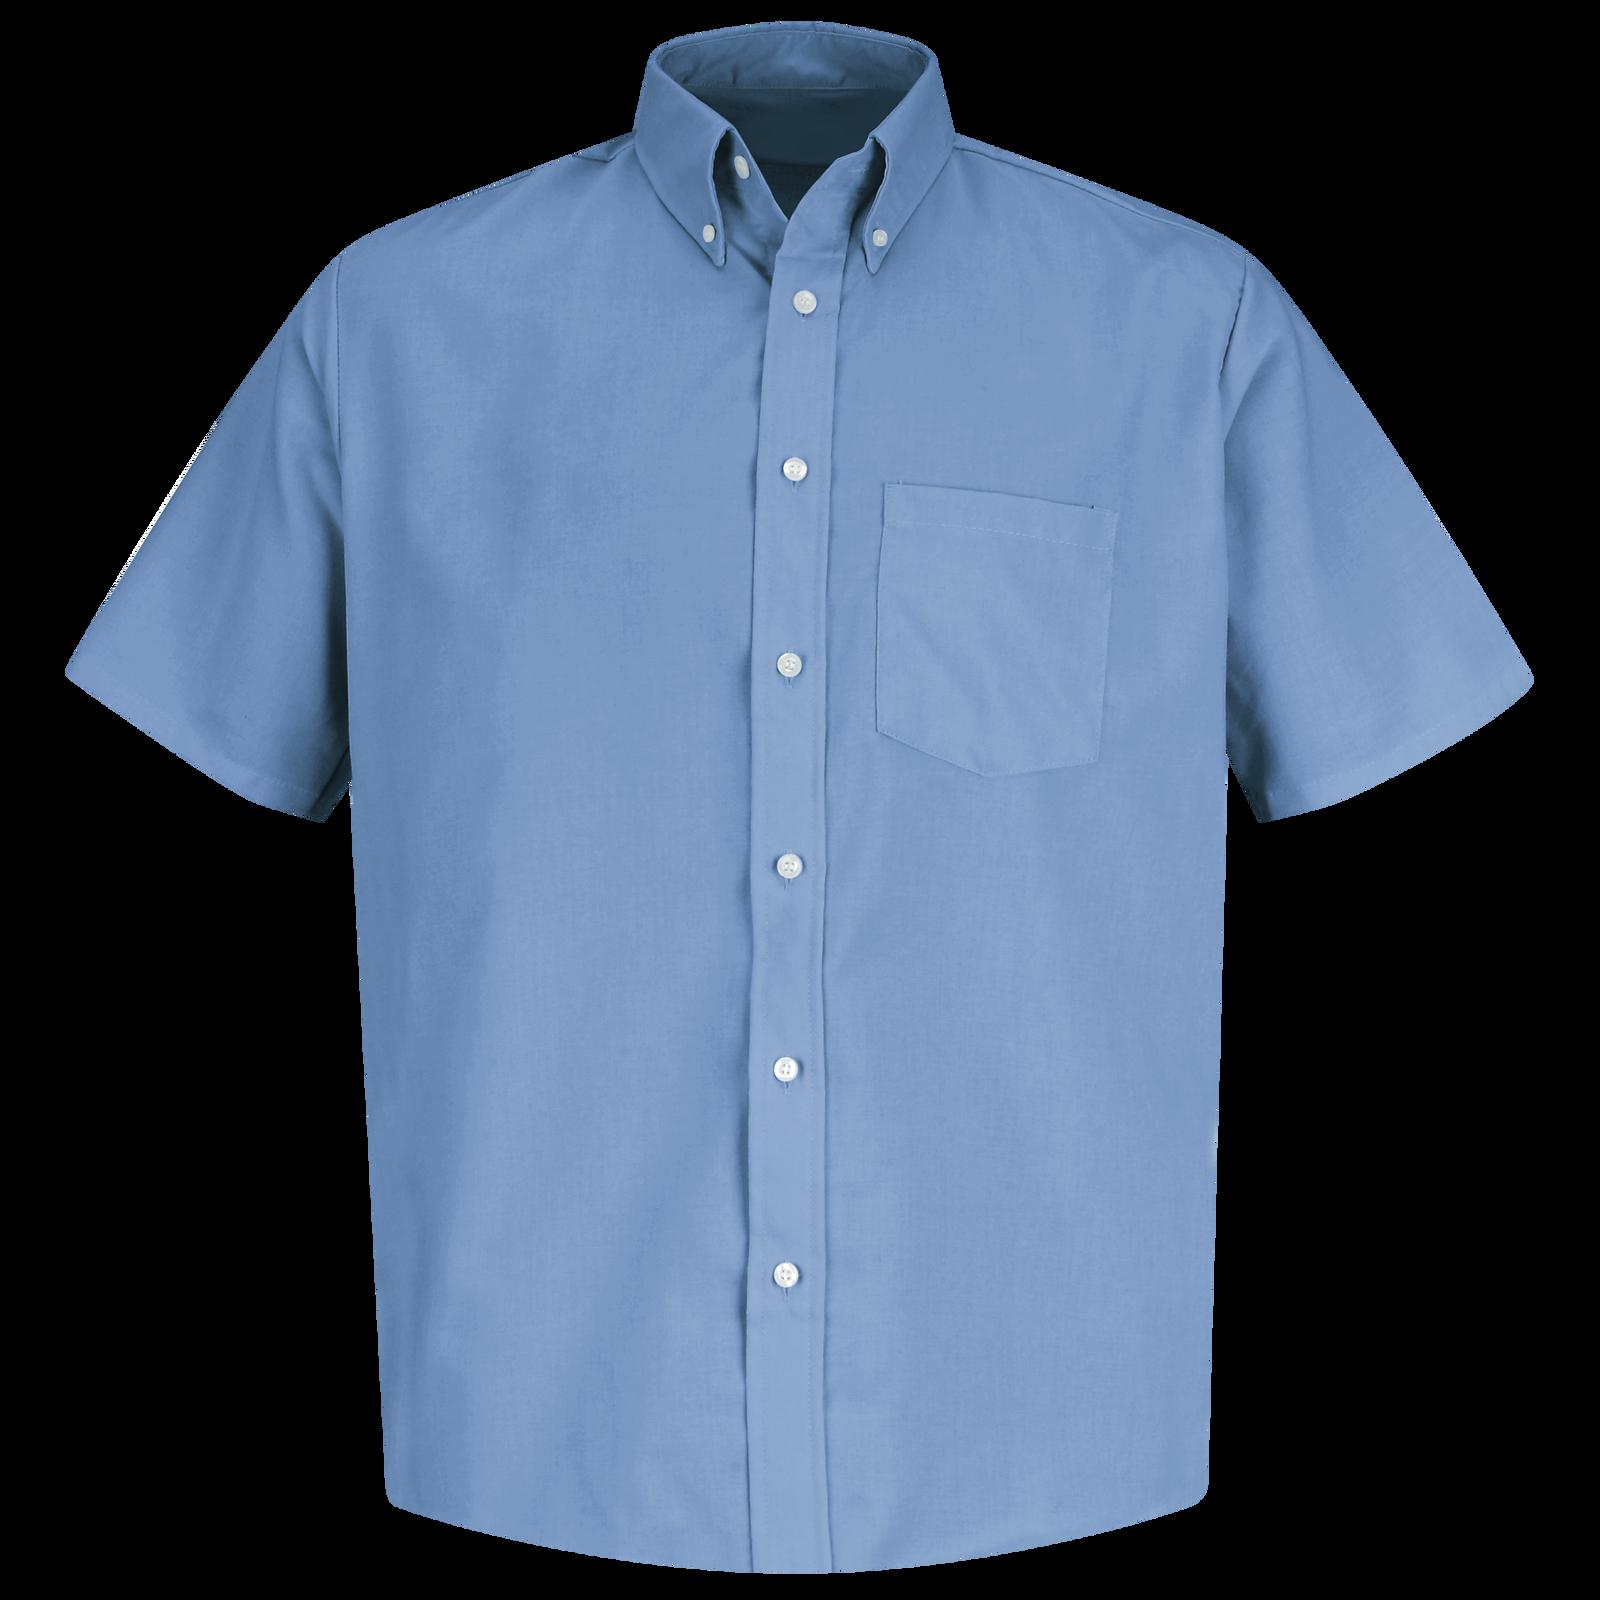 Men's Short Sleeve Easy Care Dress Shirt